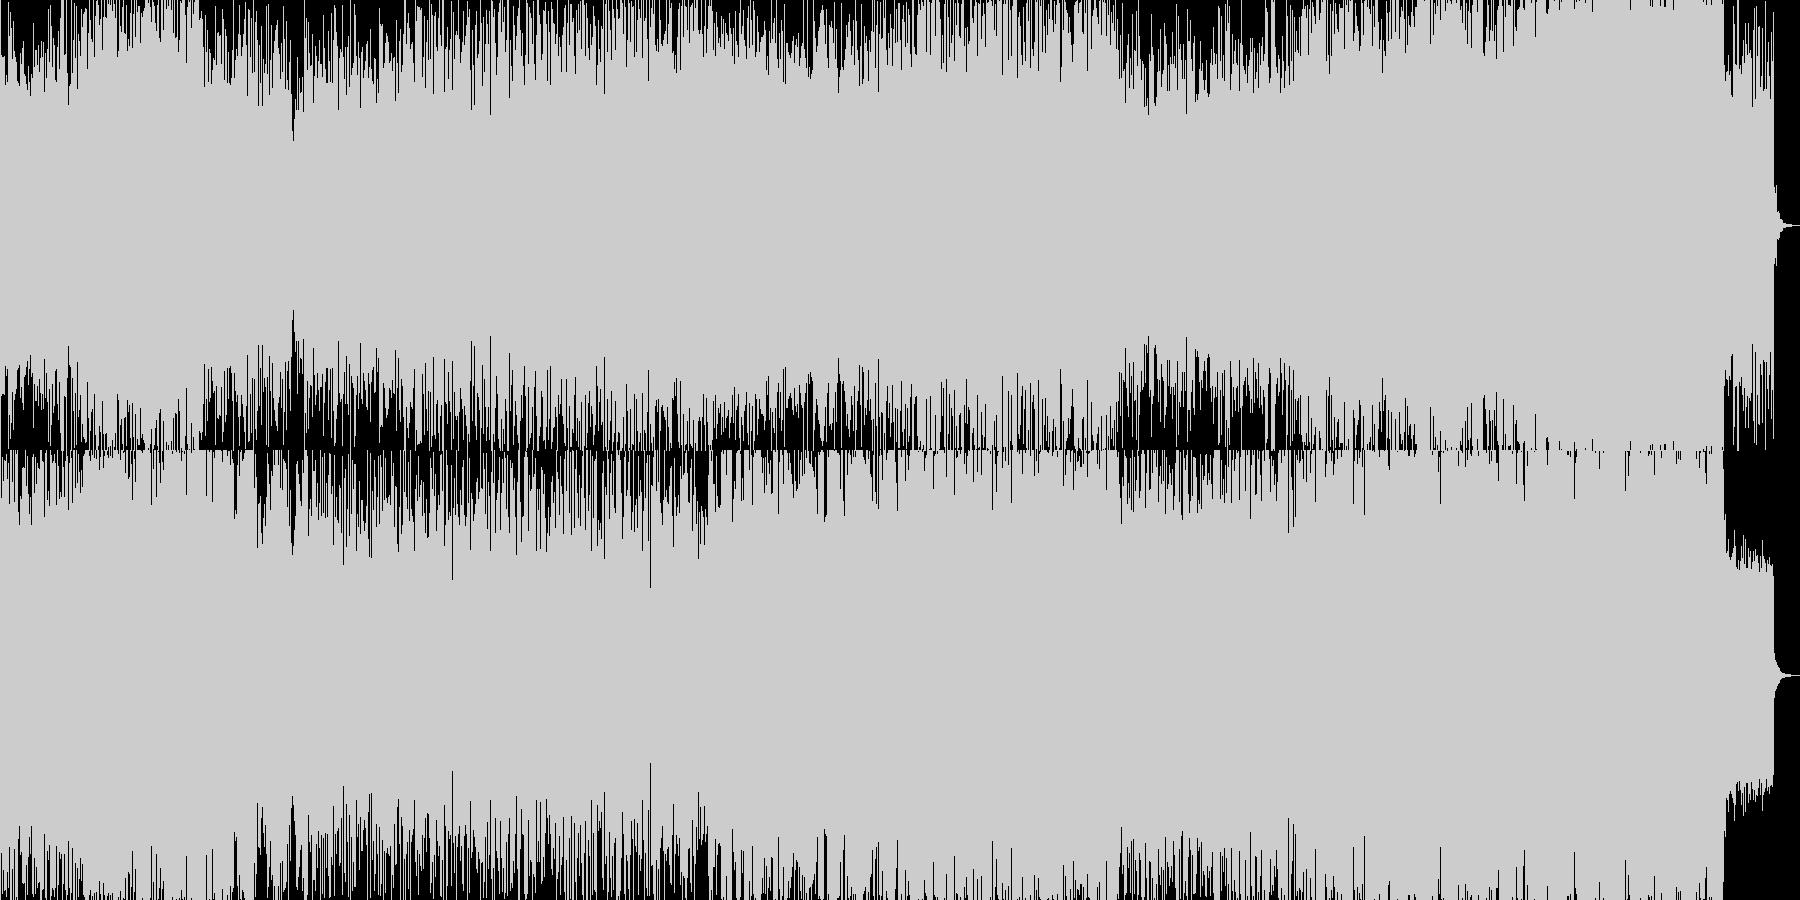 終局的な戦闘シーンを想定したBGMの未再生の波形